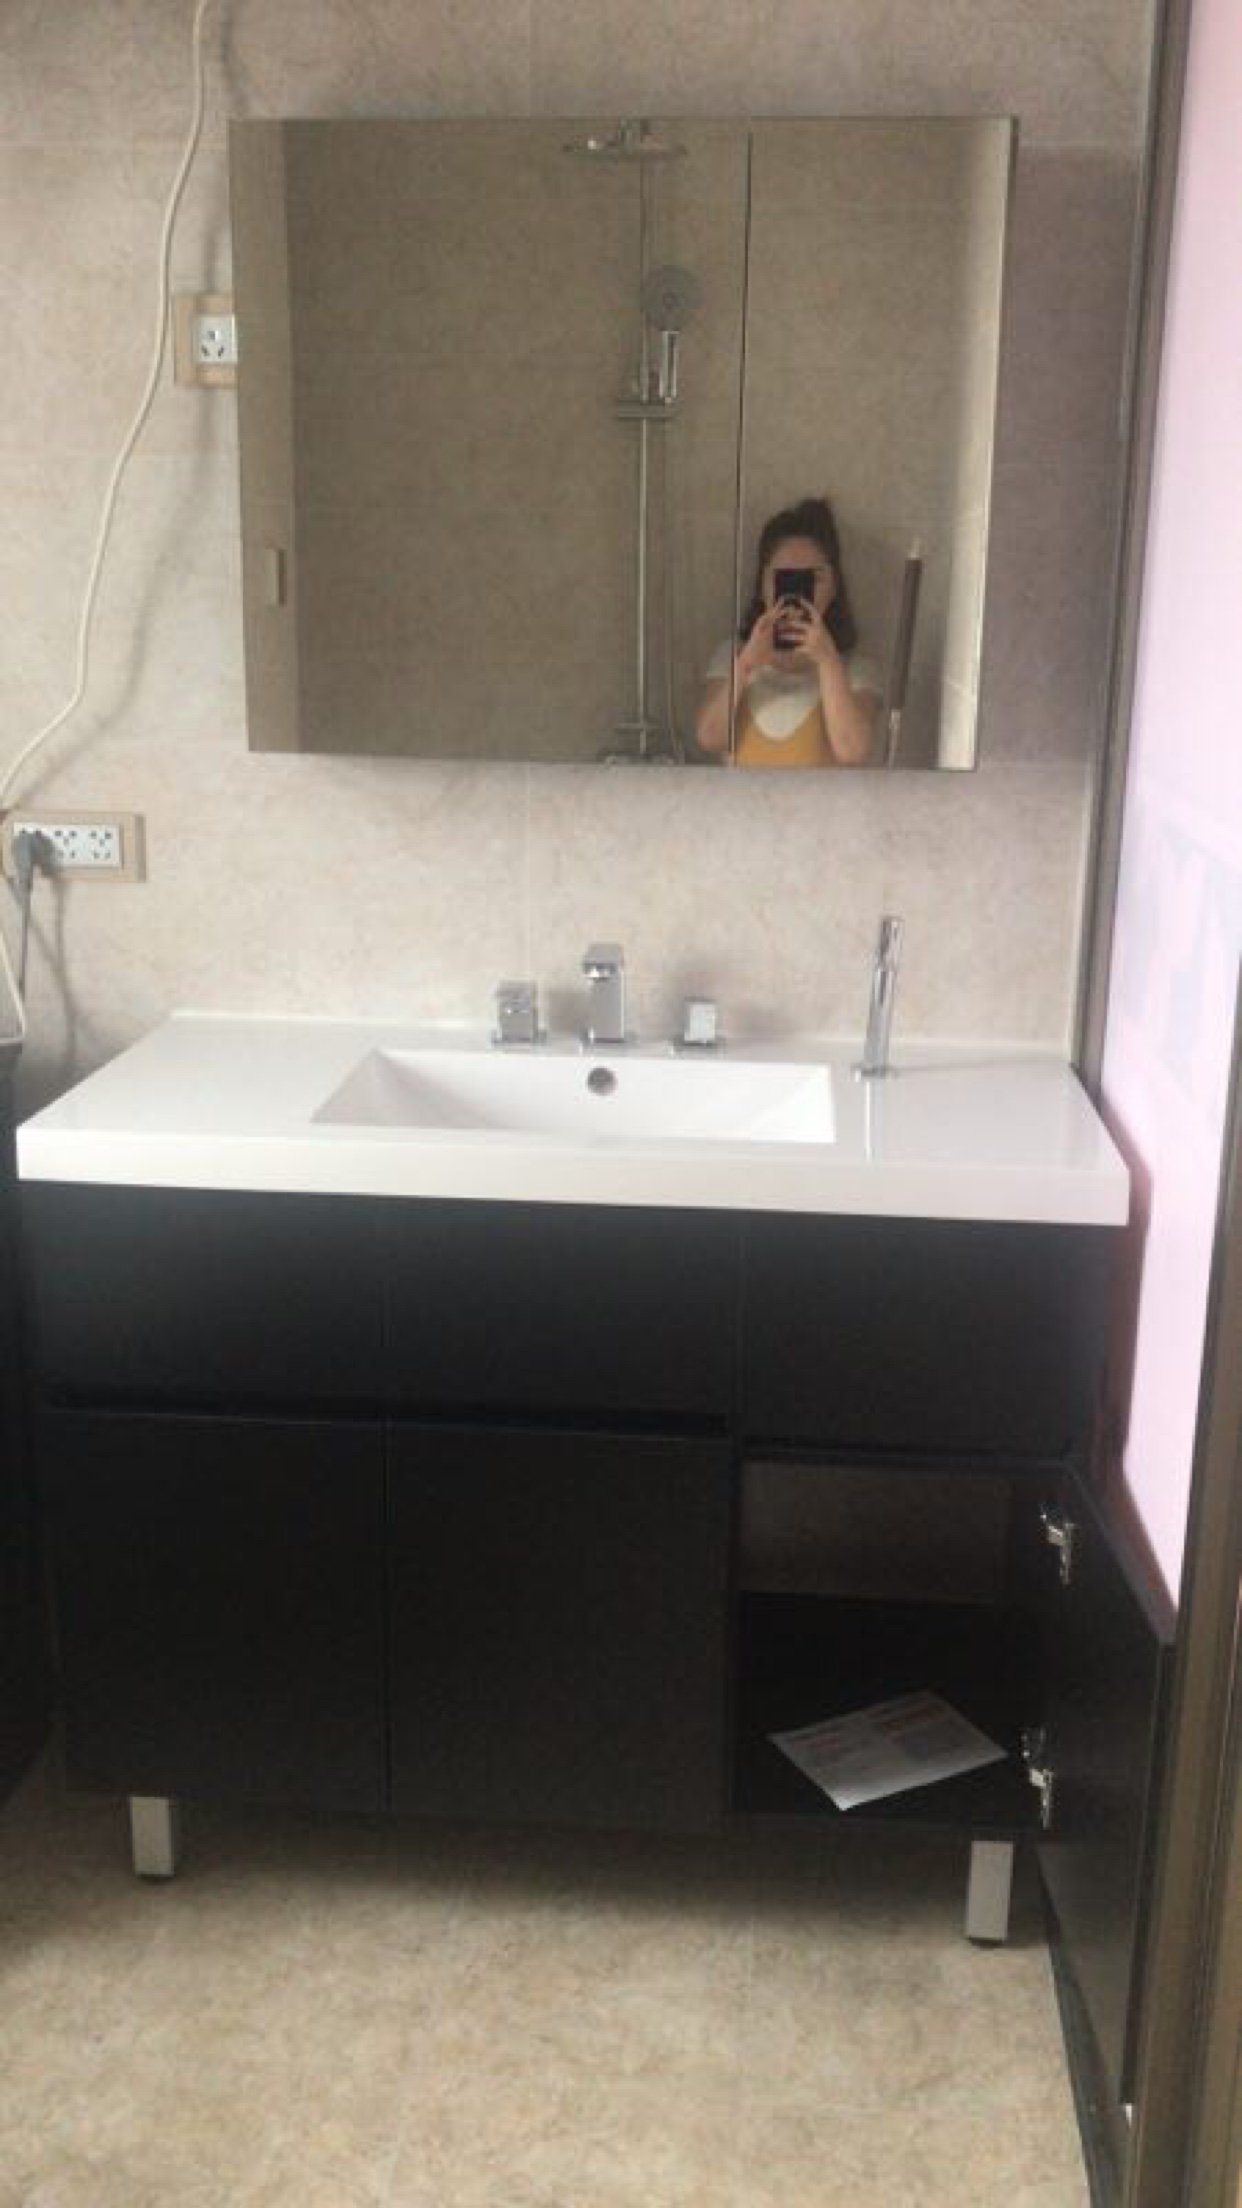 用户评价欧尔勒浴室柜哪个好,值得入手的原因分享!